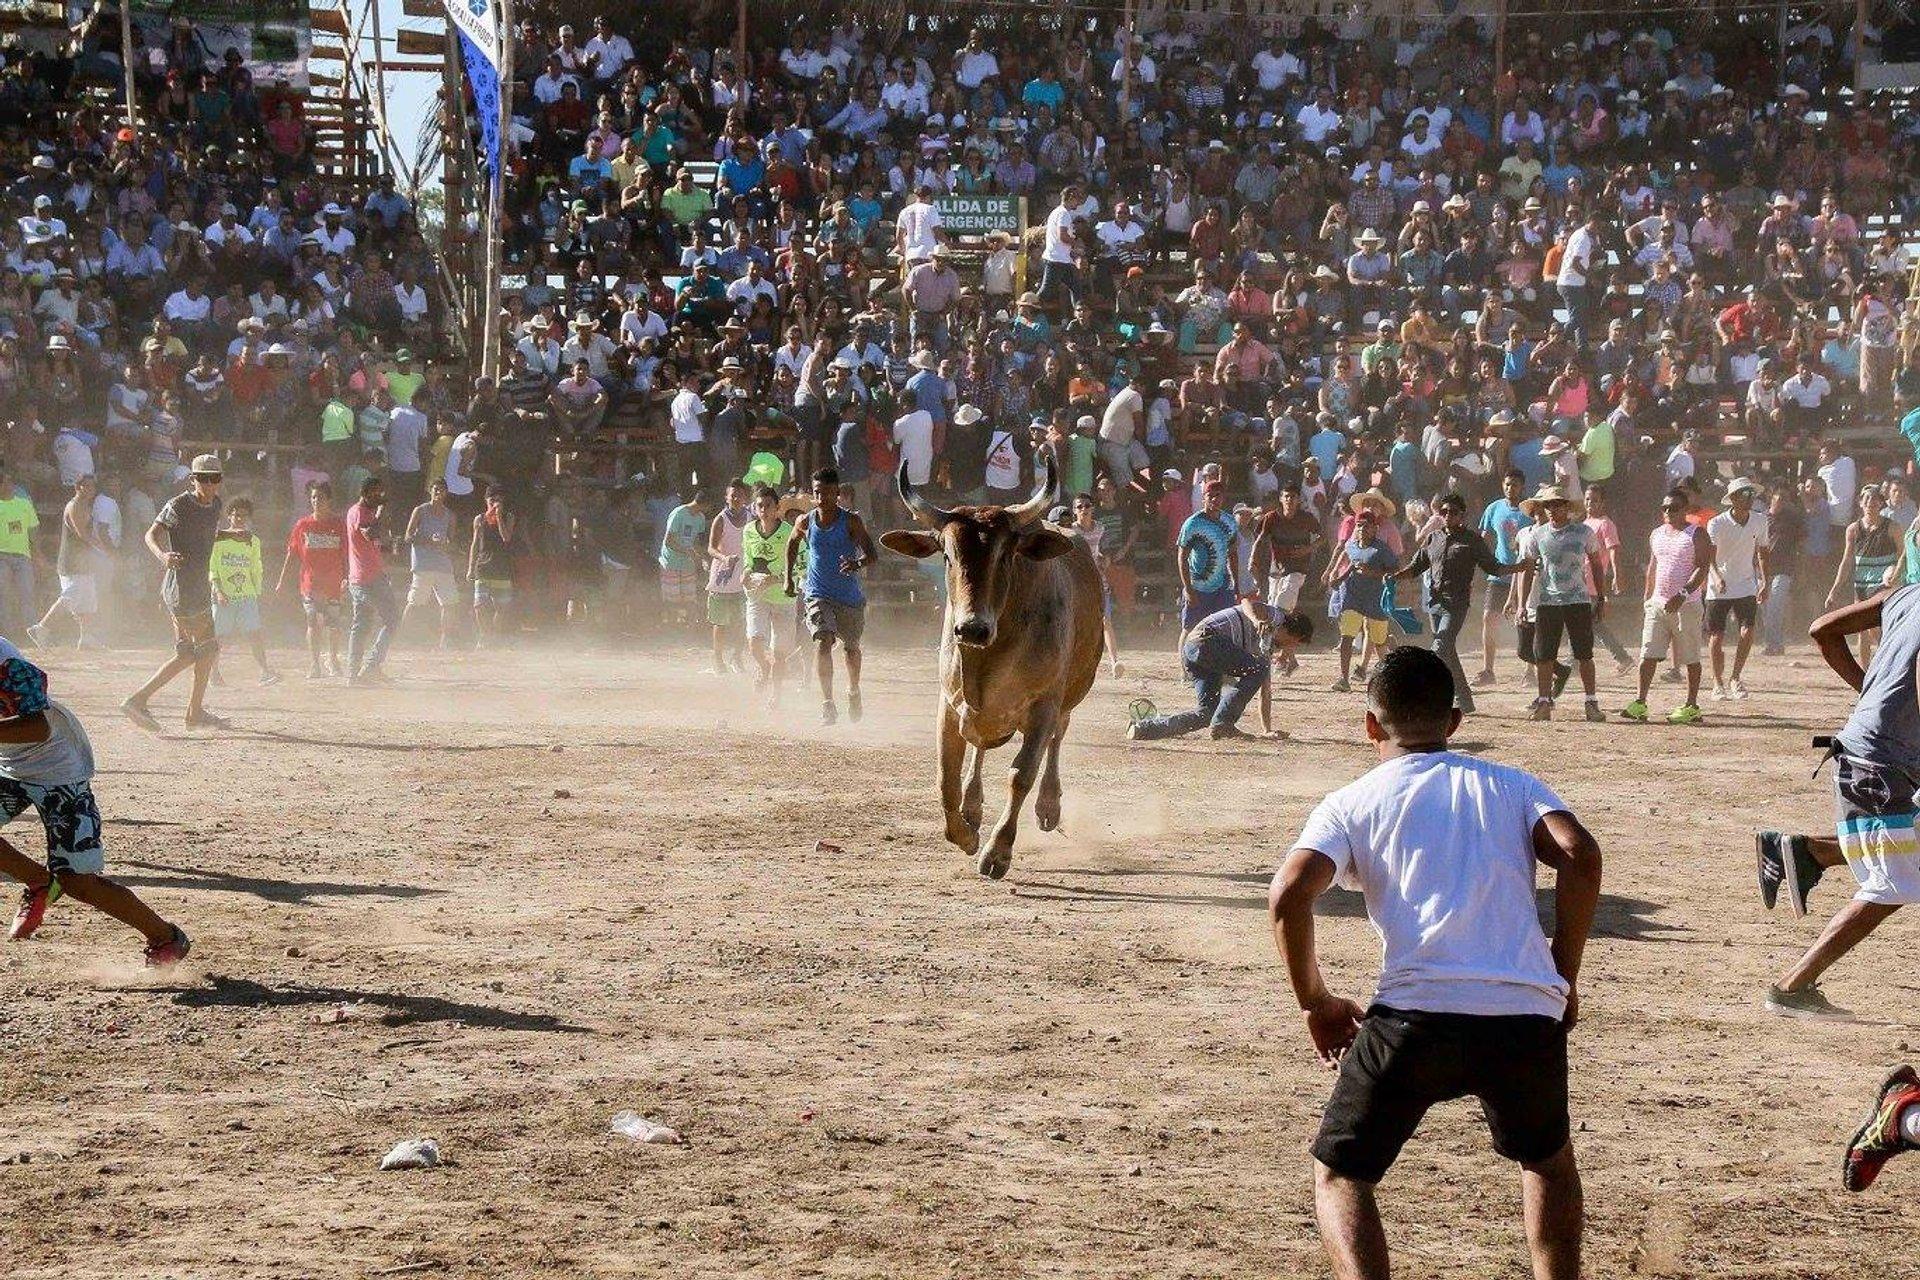 Fiestas Civicas Liberia in Costa Rica 2020 - Best Time